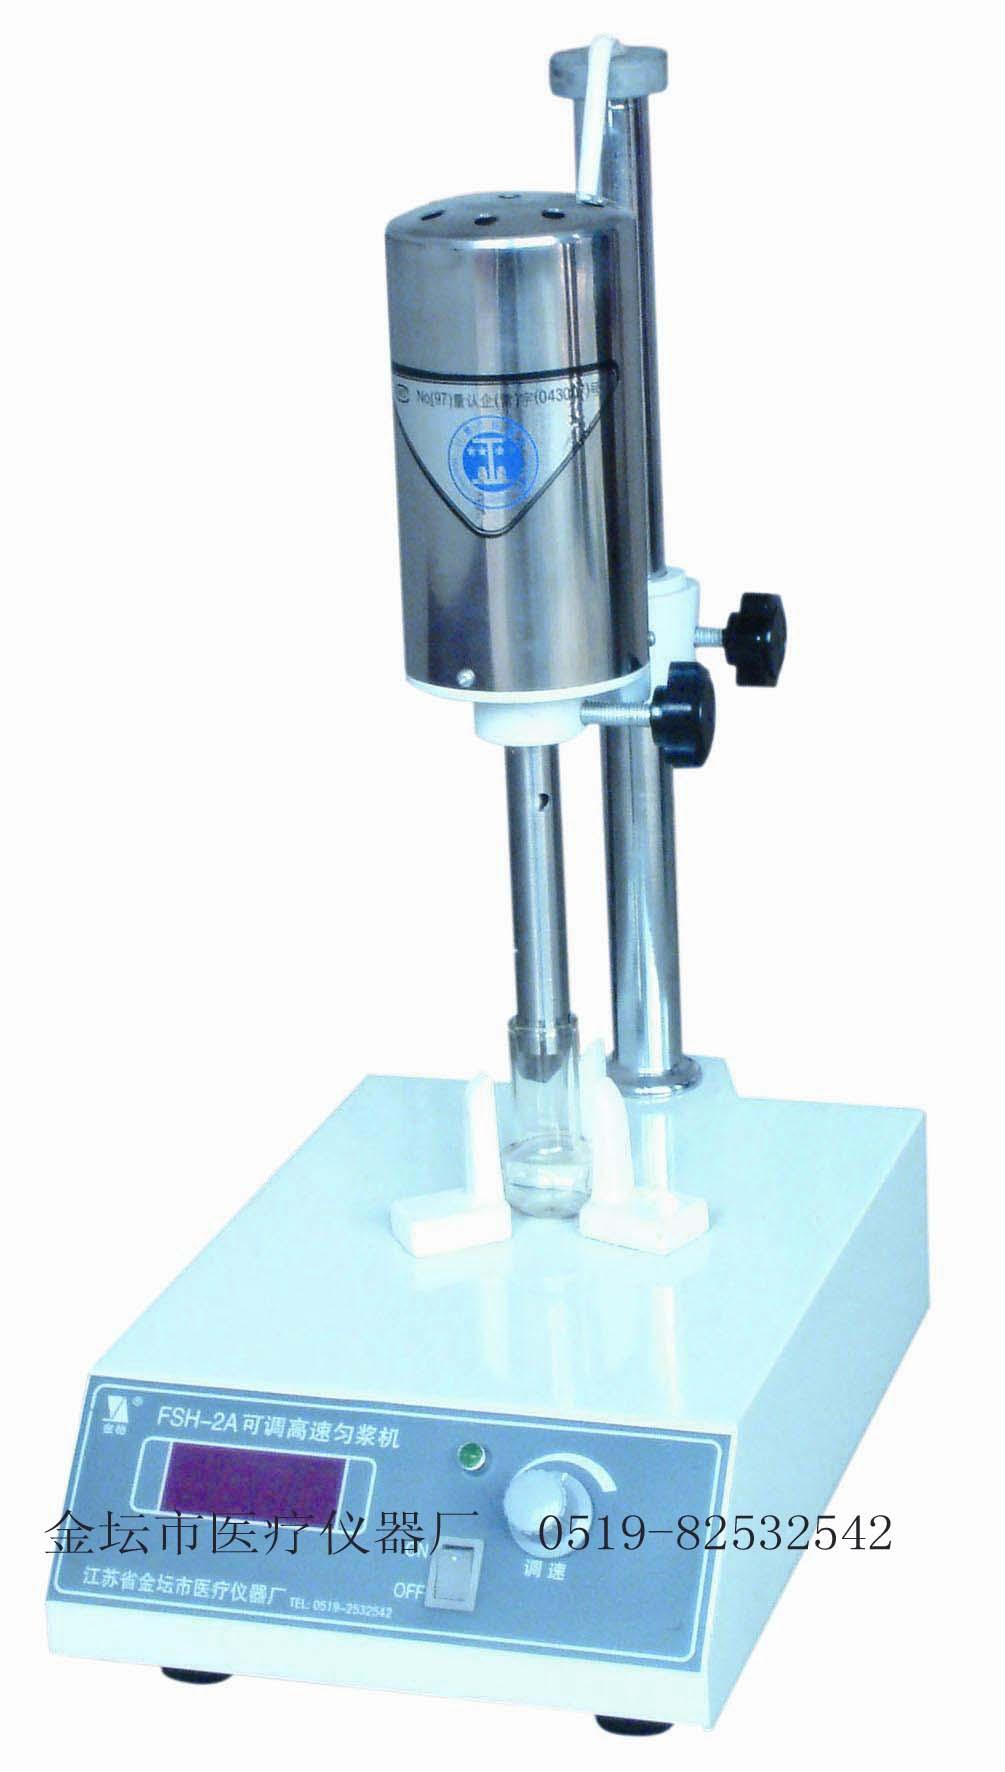 江苏金坛FSH-2A 可调高速匀浆机